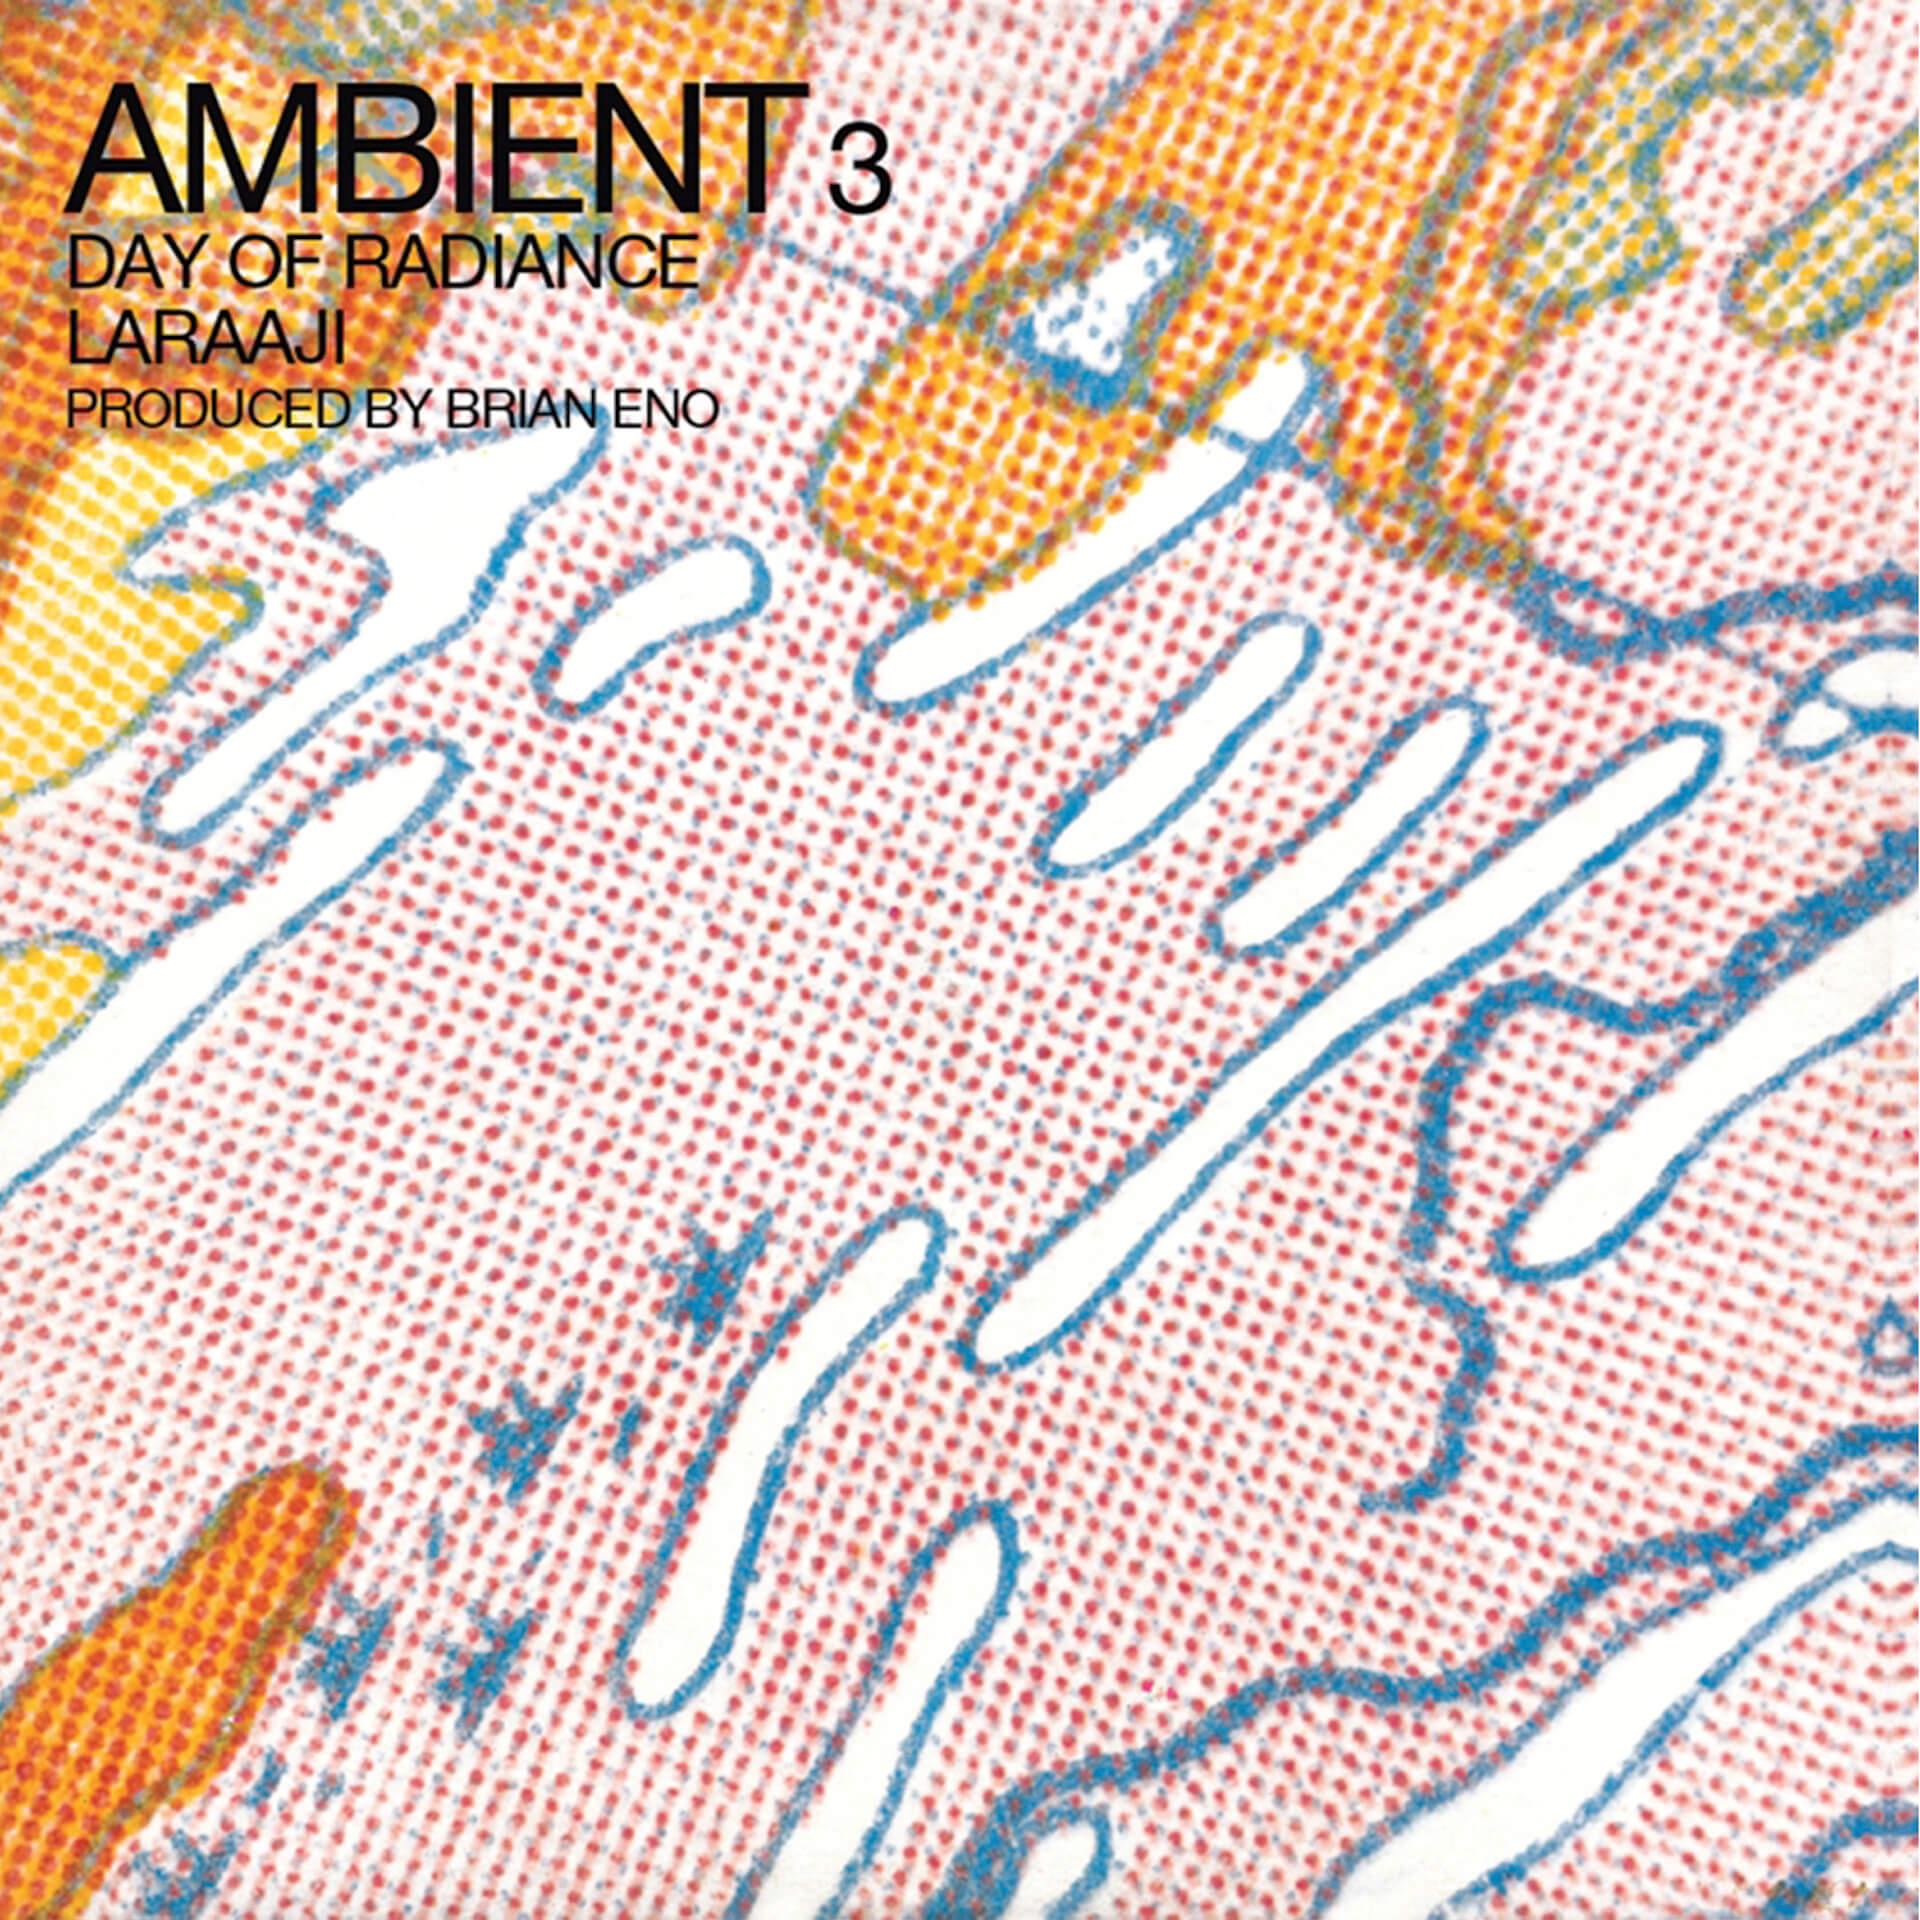 蘇るニューエイジ・アンビエントの煌めき!NYの生ける伝説LaraajiがBrian Enoとの名作『Ambient 3:Day Of Radiance』のセットを携えた再来日ツアーを11月に開催 music190913-laraaji-4